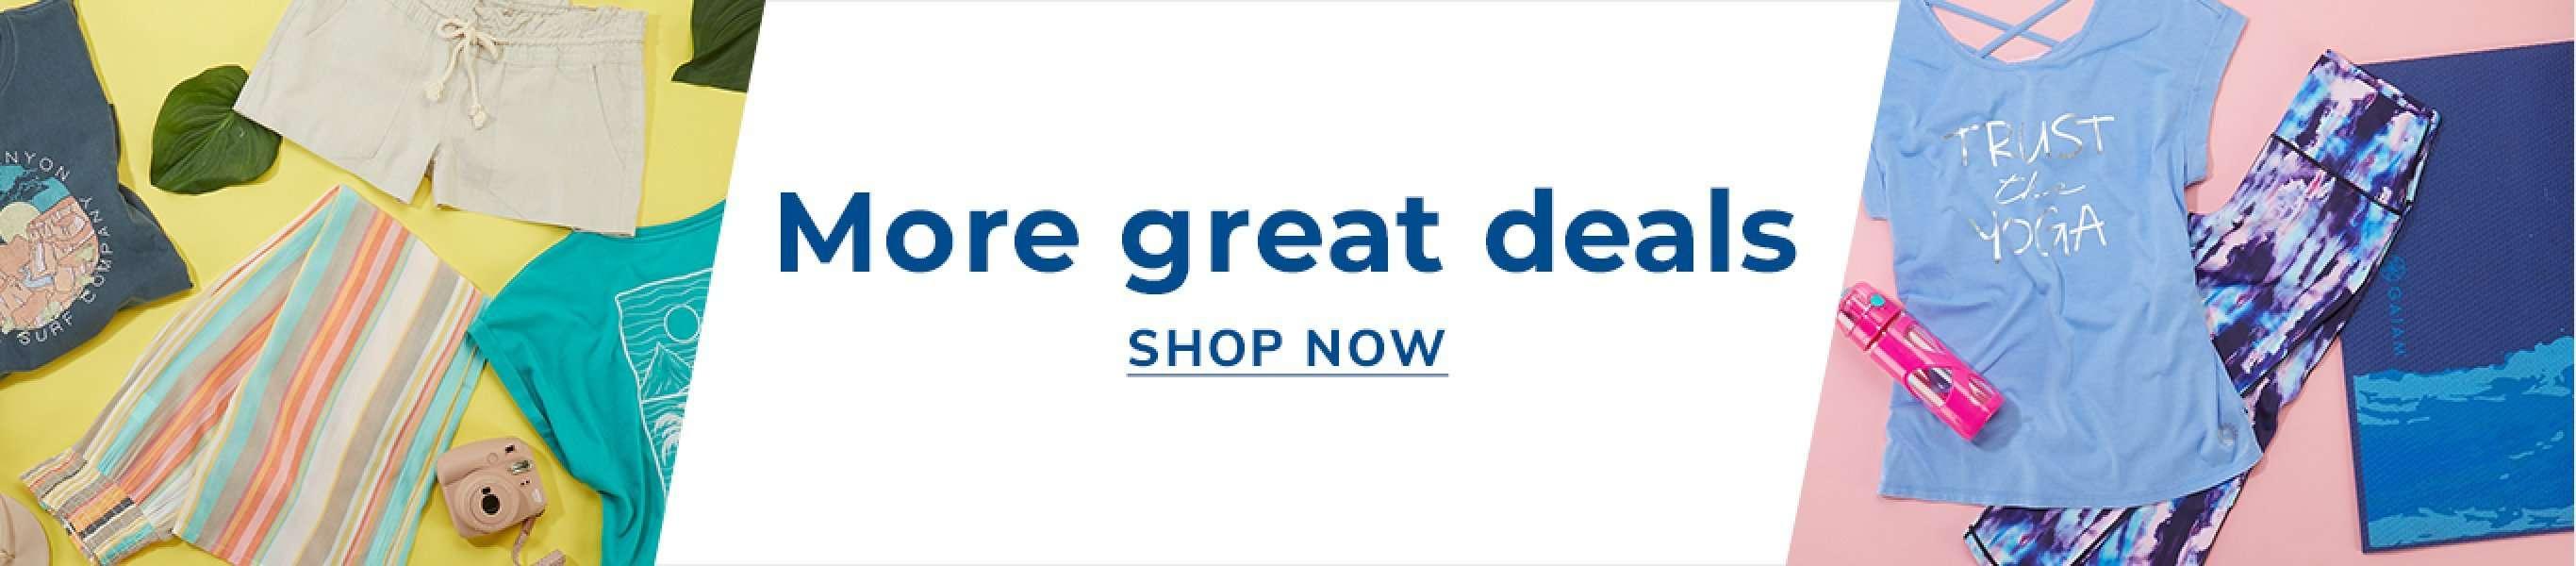 More great deals - shop now!